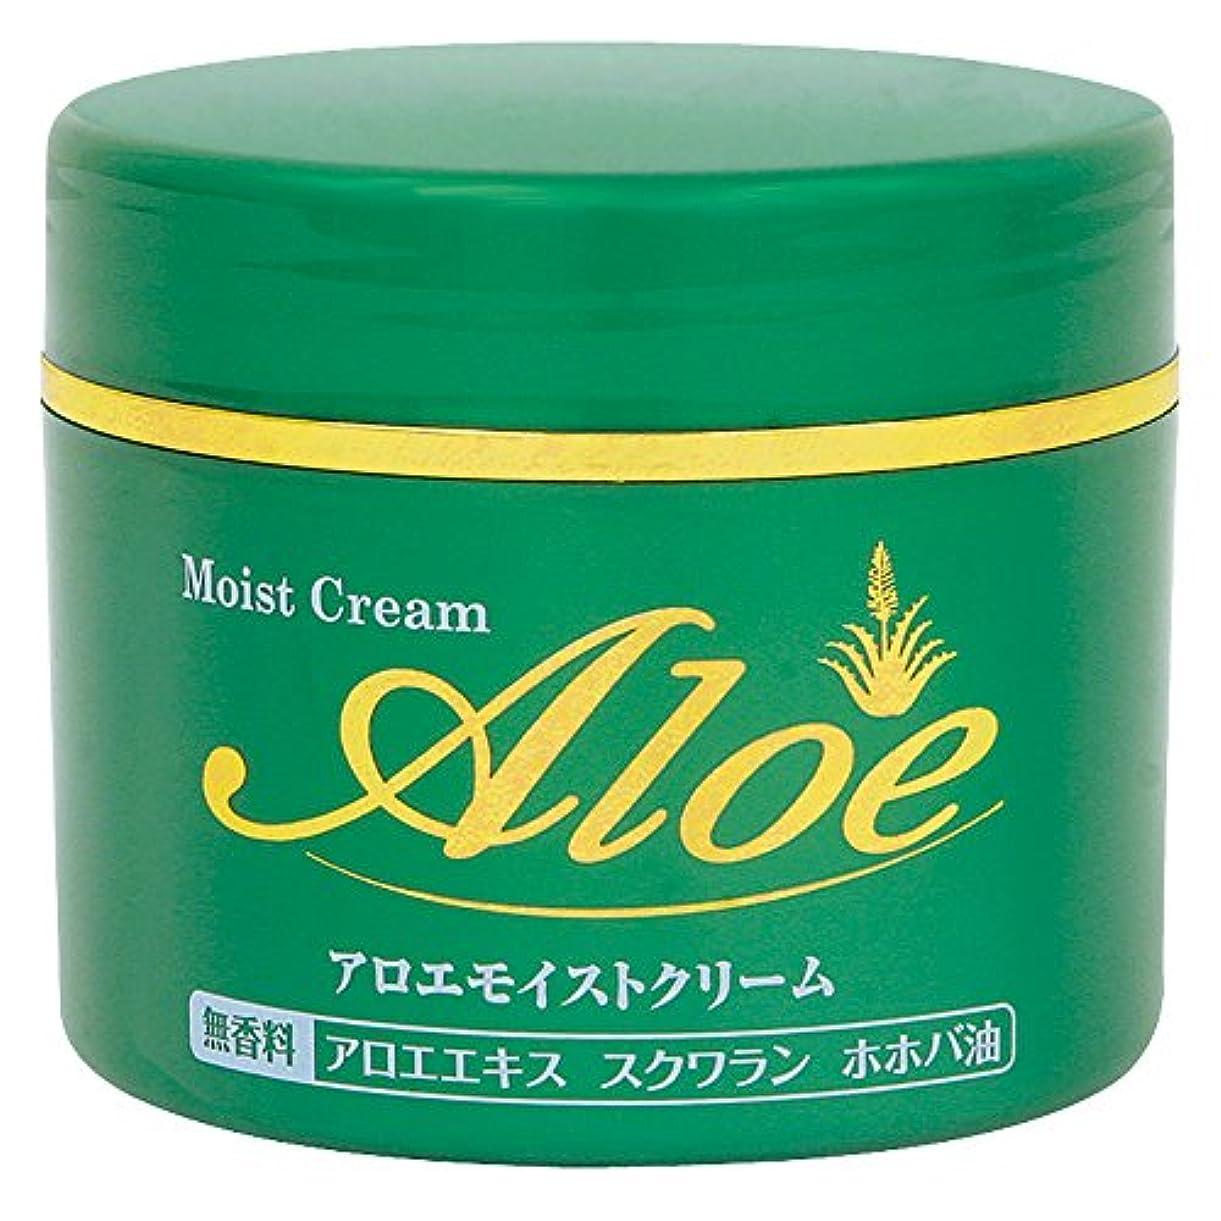 地獄リクルートまだら井藤漢方製薬 アロエモイストクリーム 160g (アロエクリーム 化粧品)